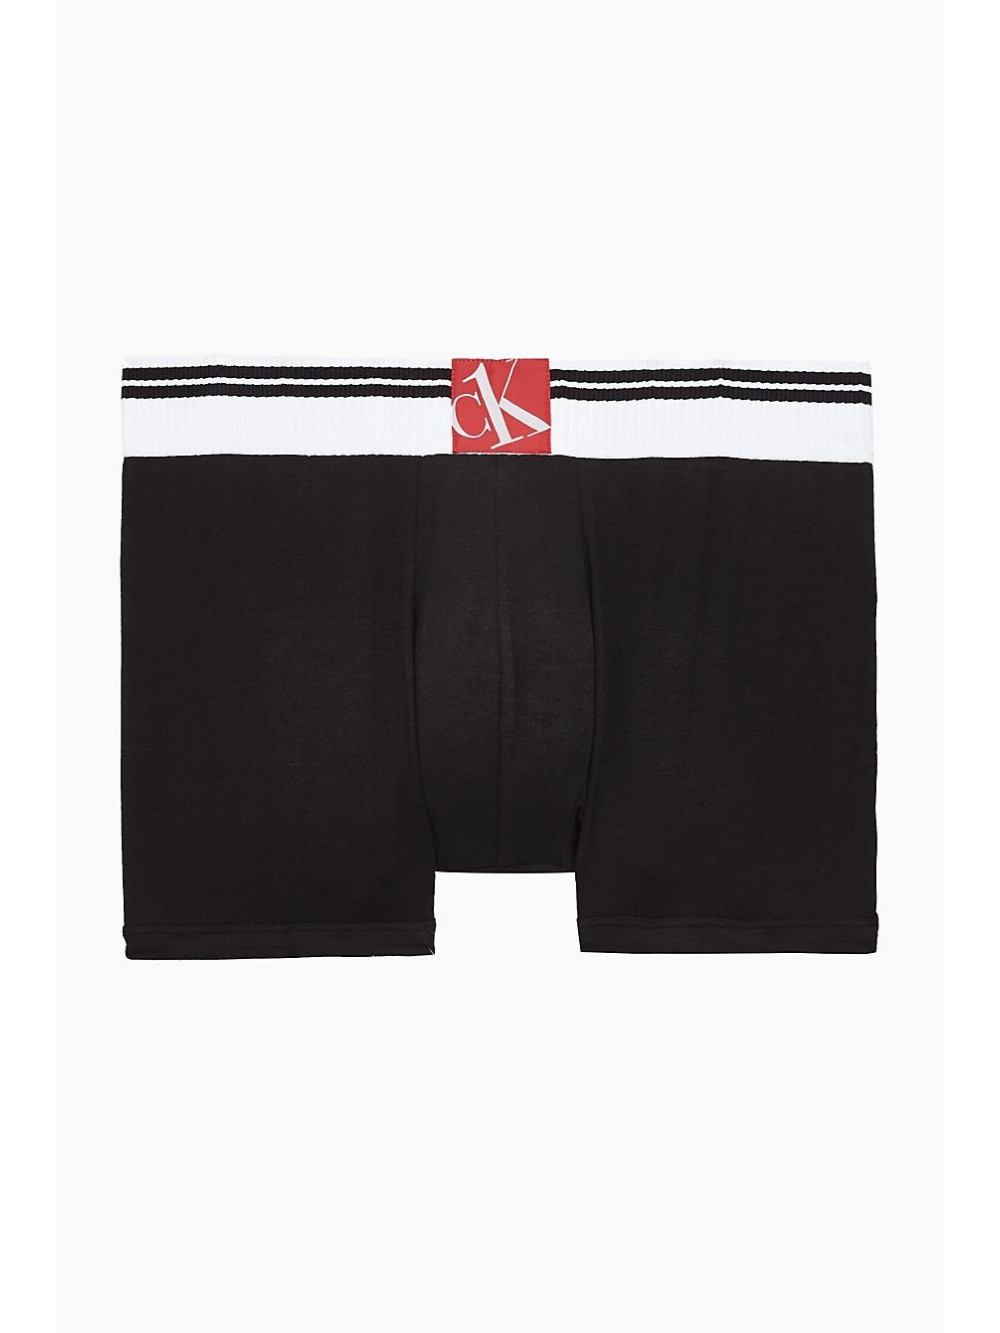 Pánské boxerky Calvin Klein CK ONE Red Logo černé